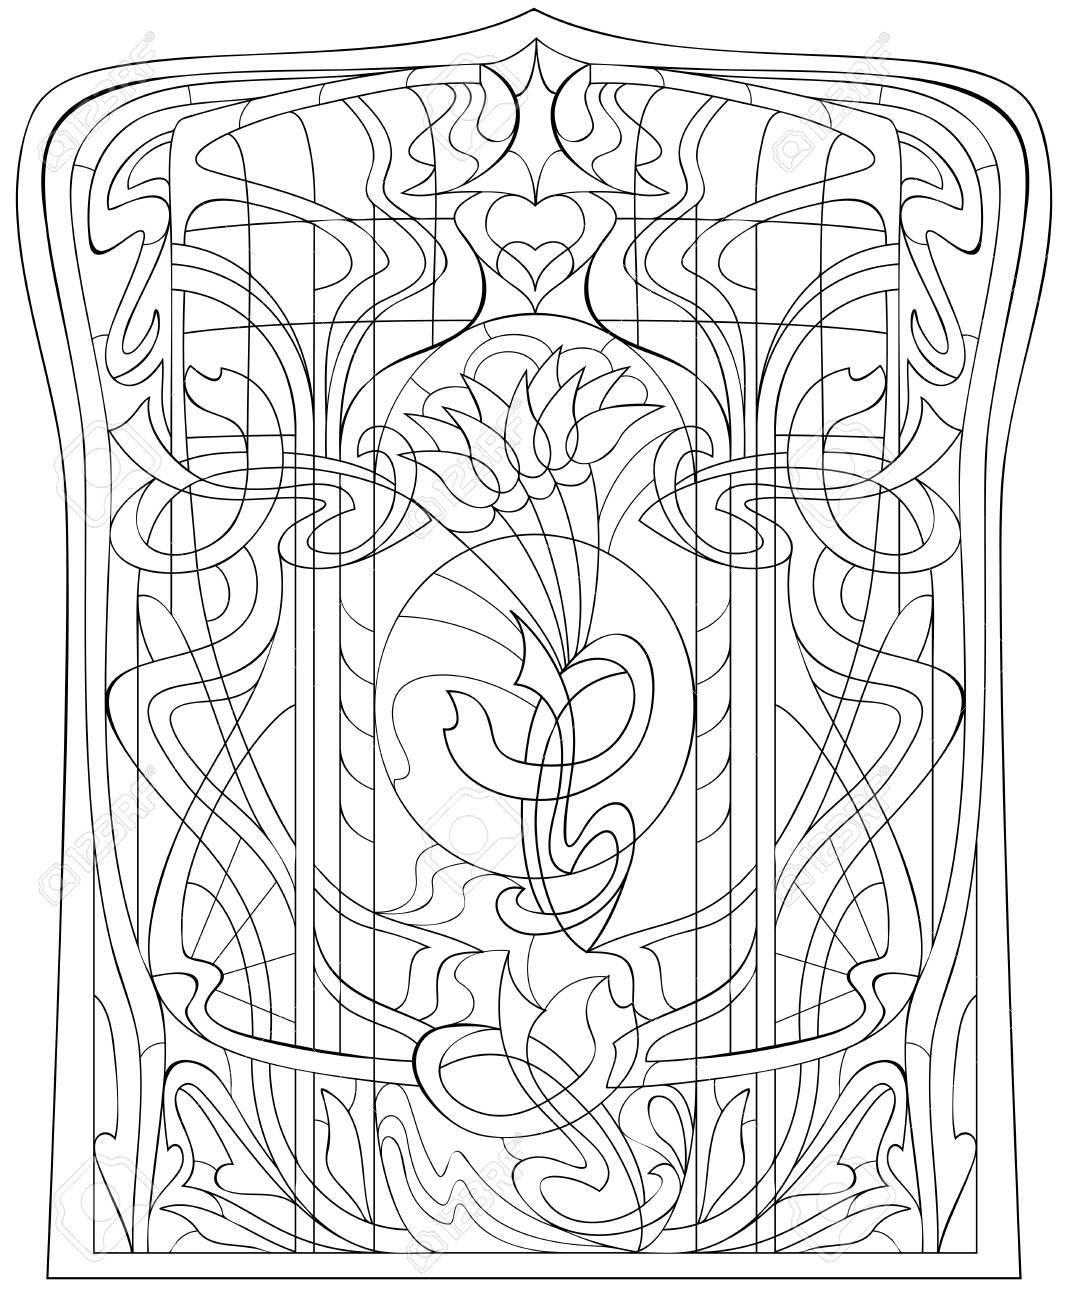 Página En Blanco Y Negro Para Colorear Dibujo De Hermosa Ventana